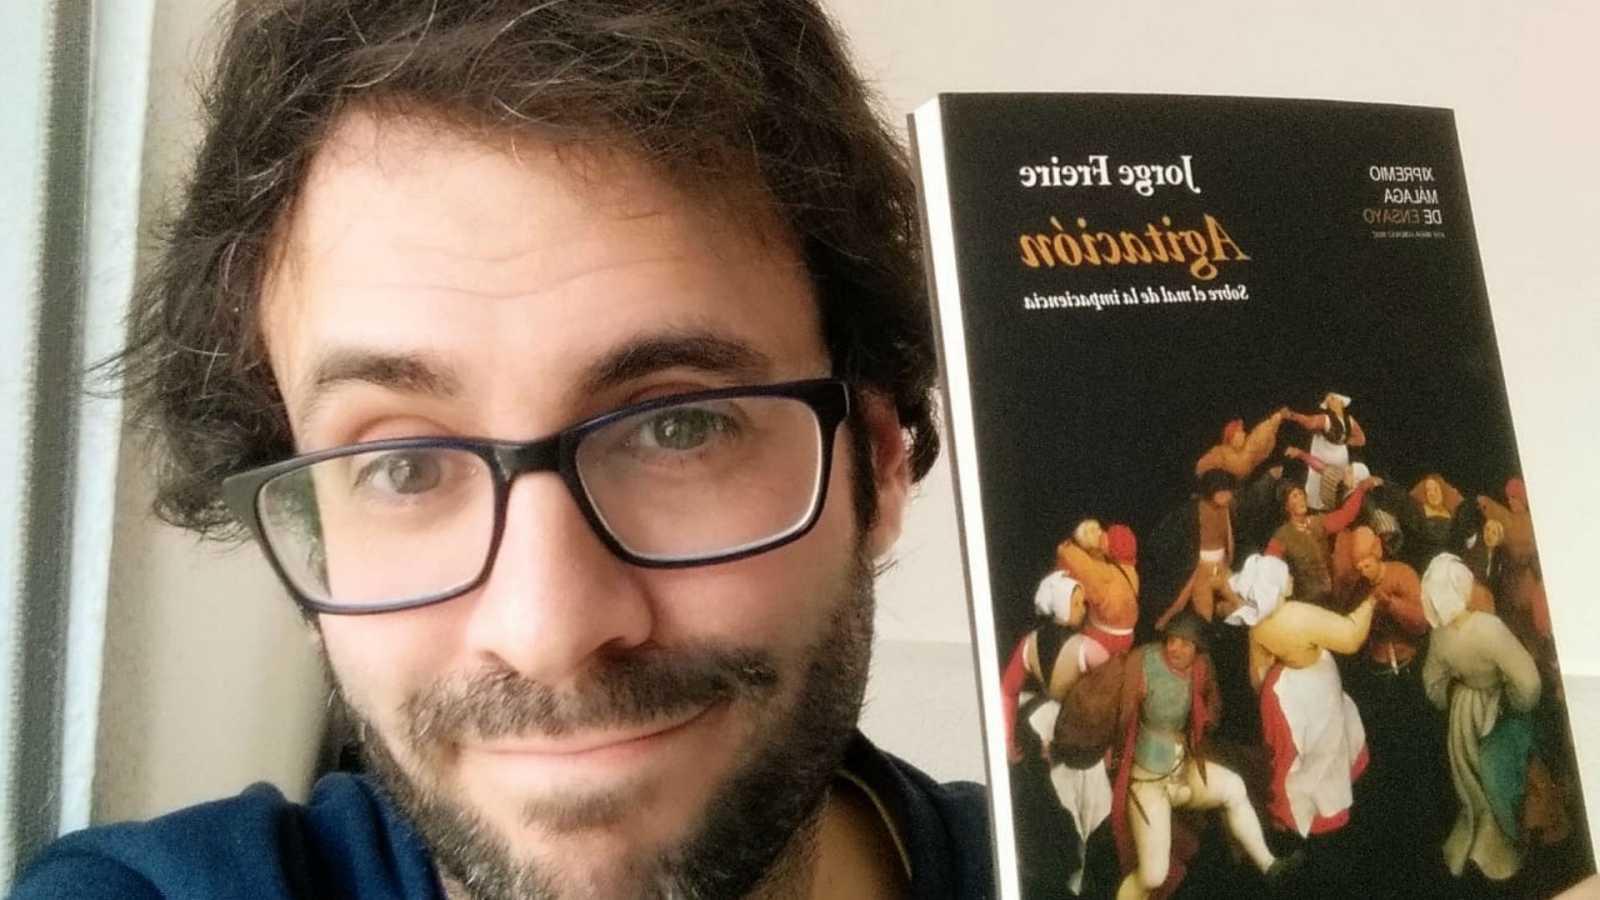 Diálogo y espejo - 'El mal de la impaciencia' con Jorge Freire - 11/07/20 - escuchar ahora